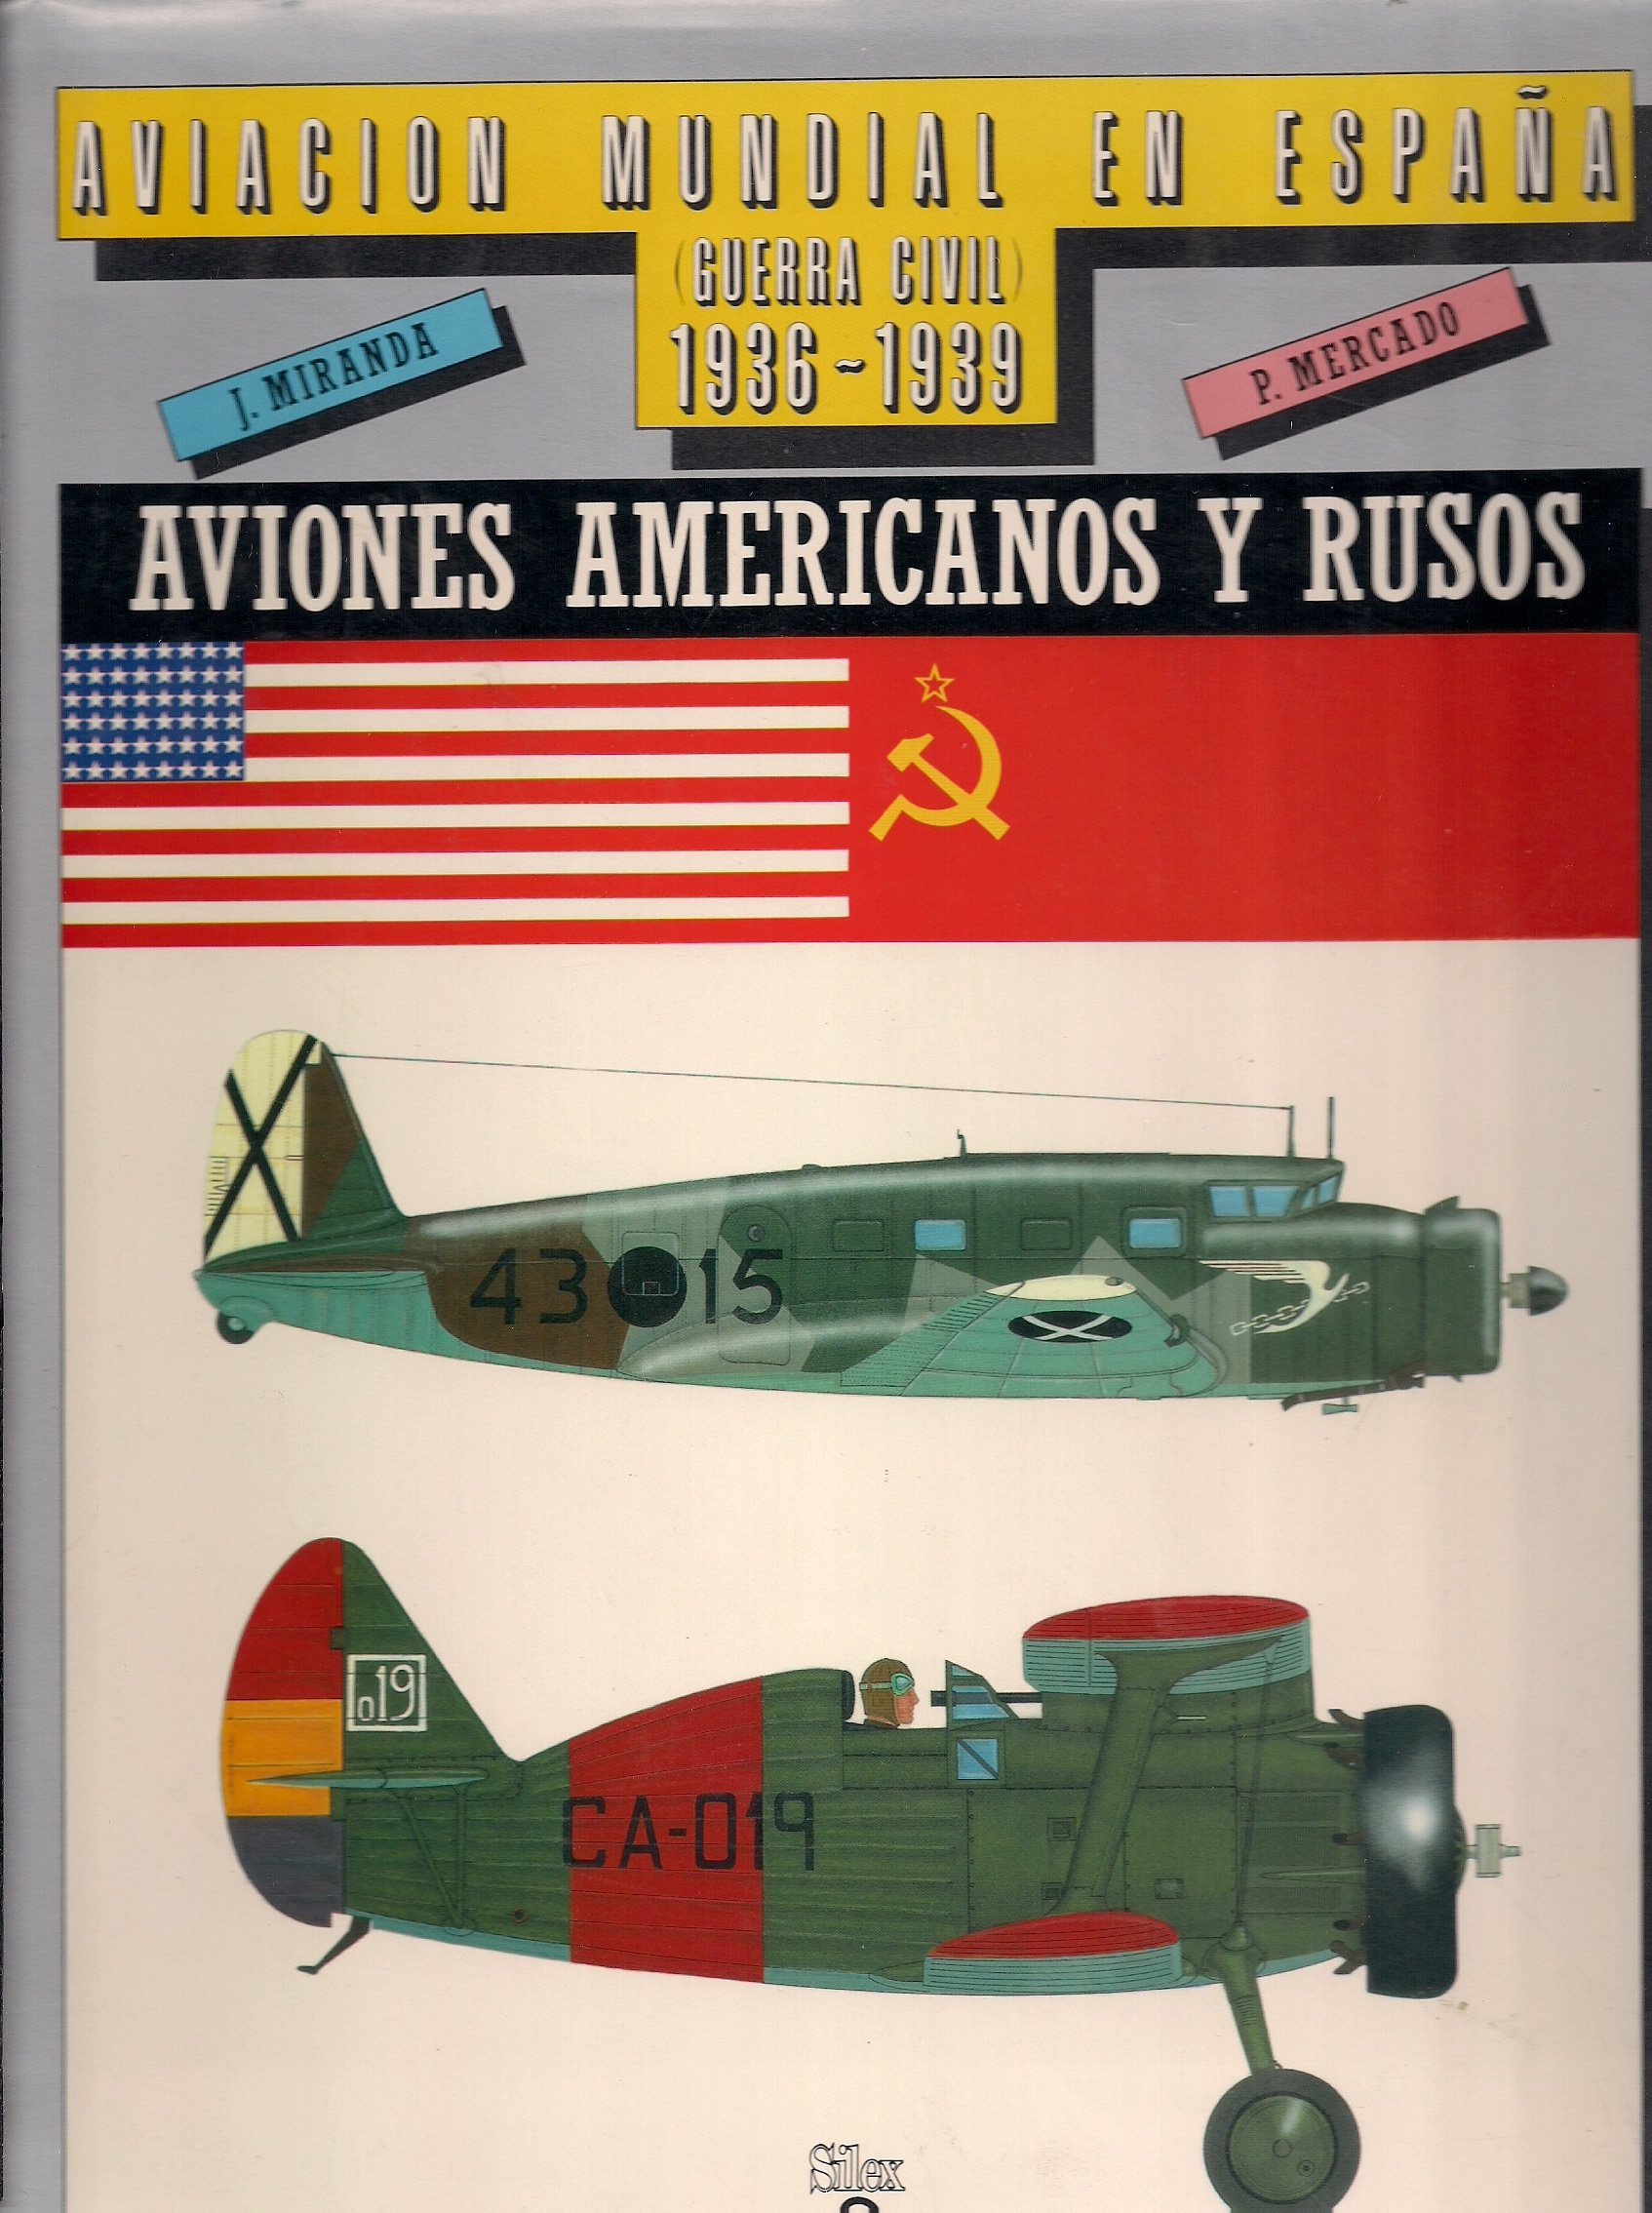 Aviación mundial en España guerra civil 1936 - 1939 -Aviones americanos y rusos: Amazon.es: J. Miranda y P. Mercado: Libros